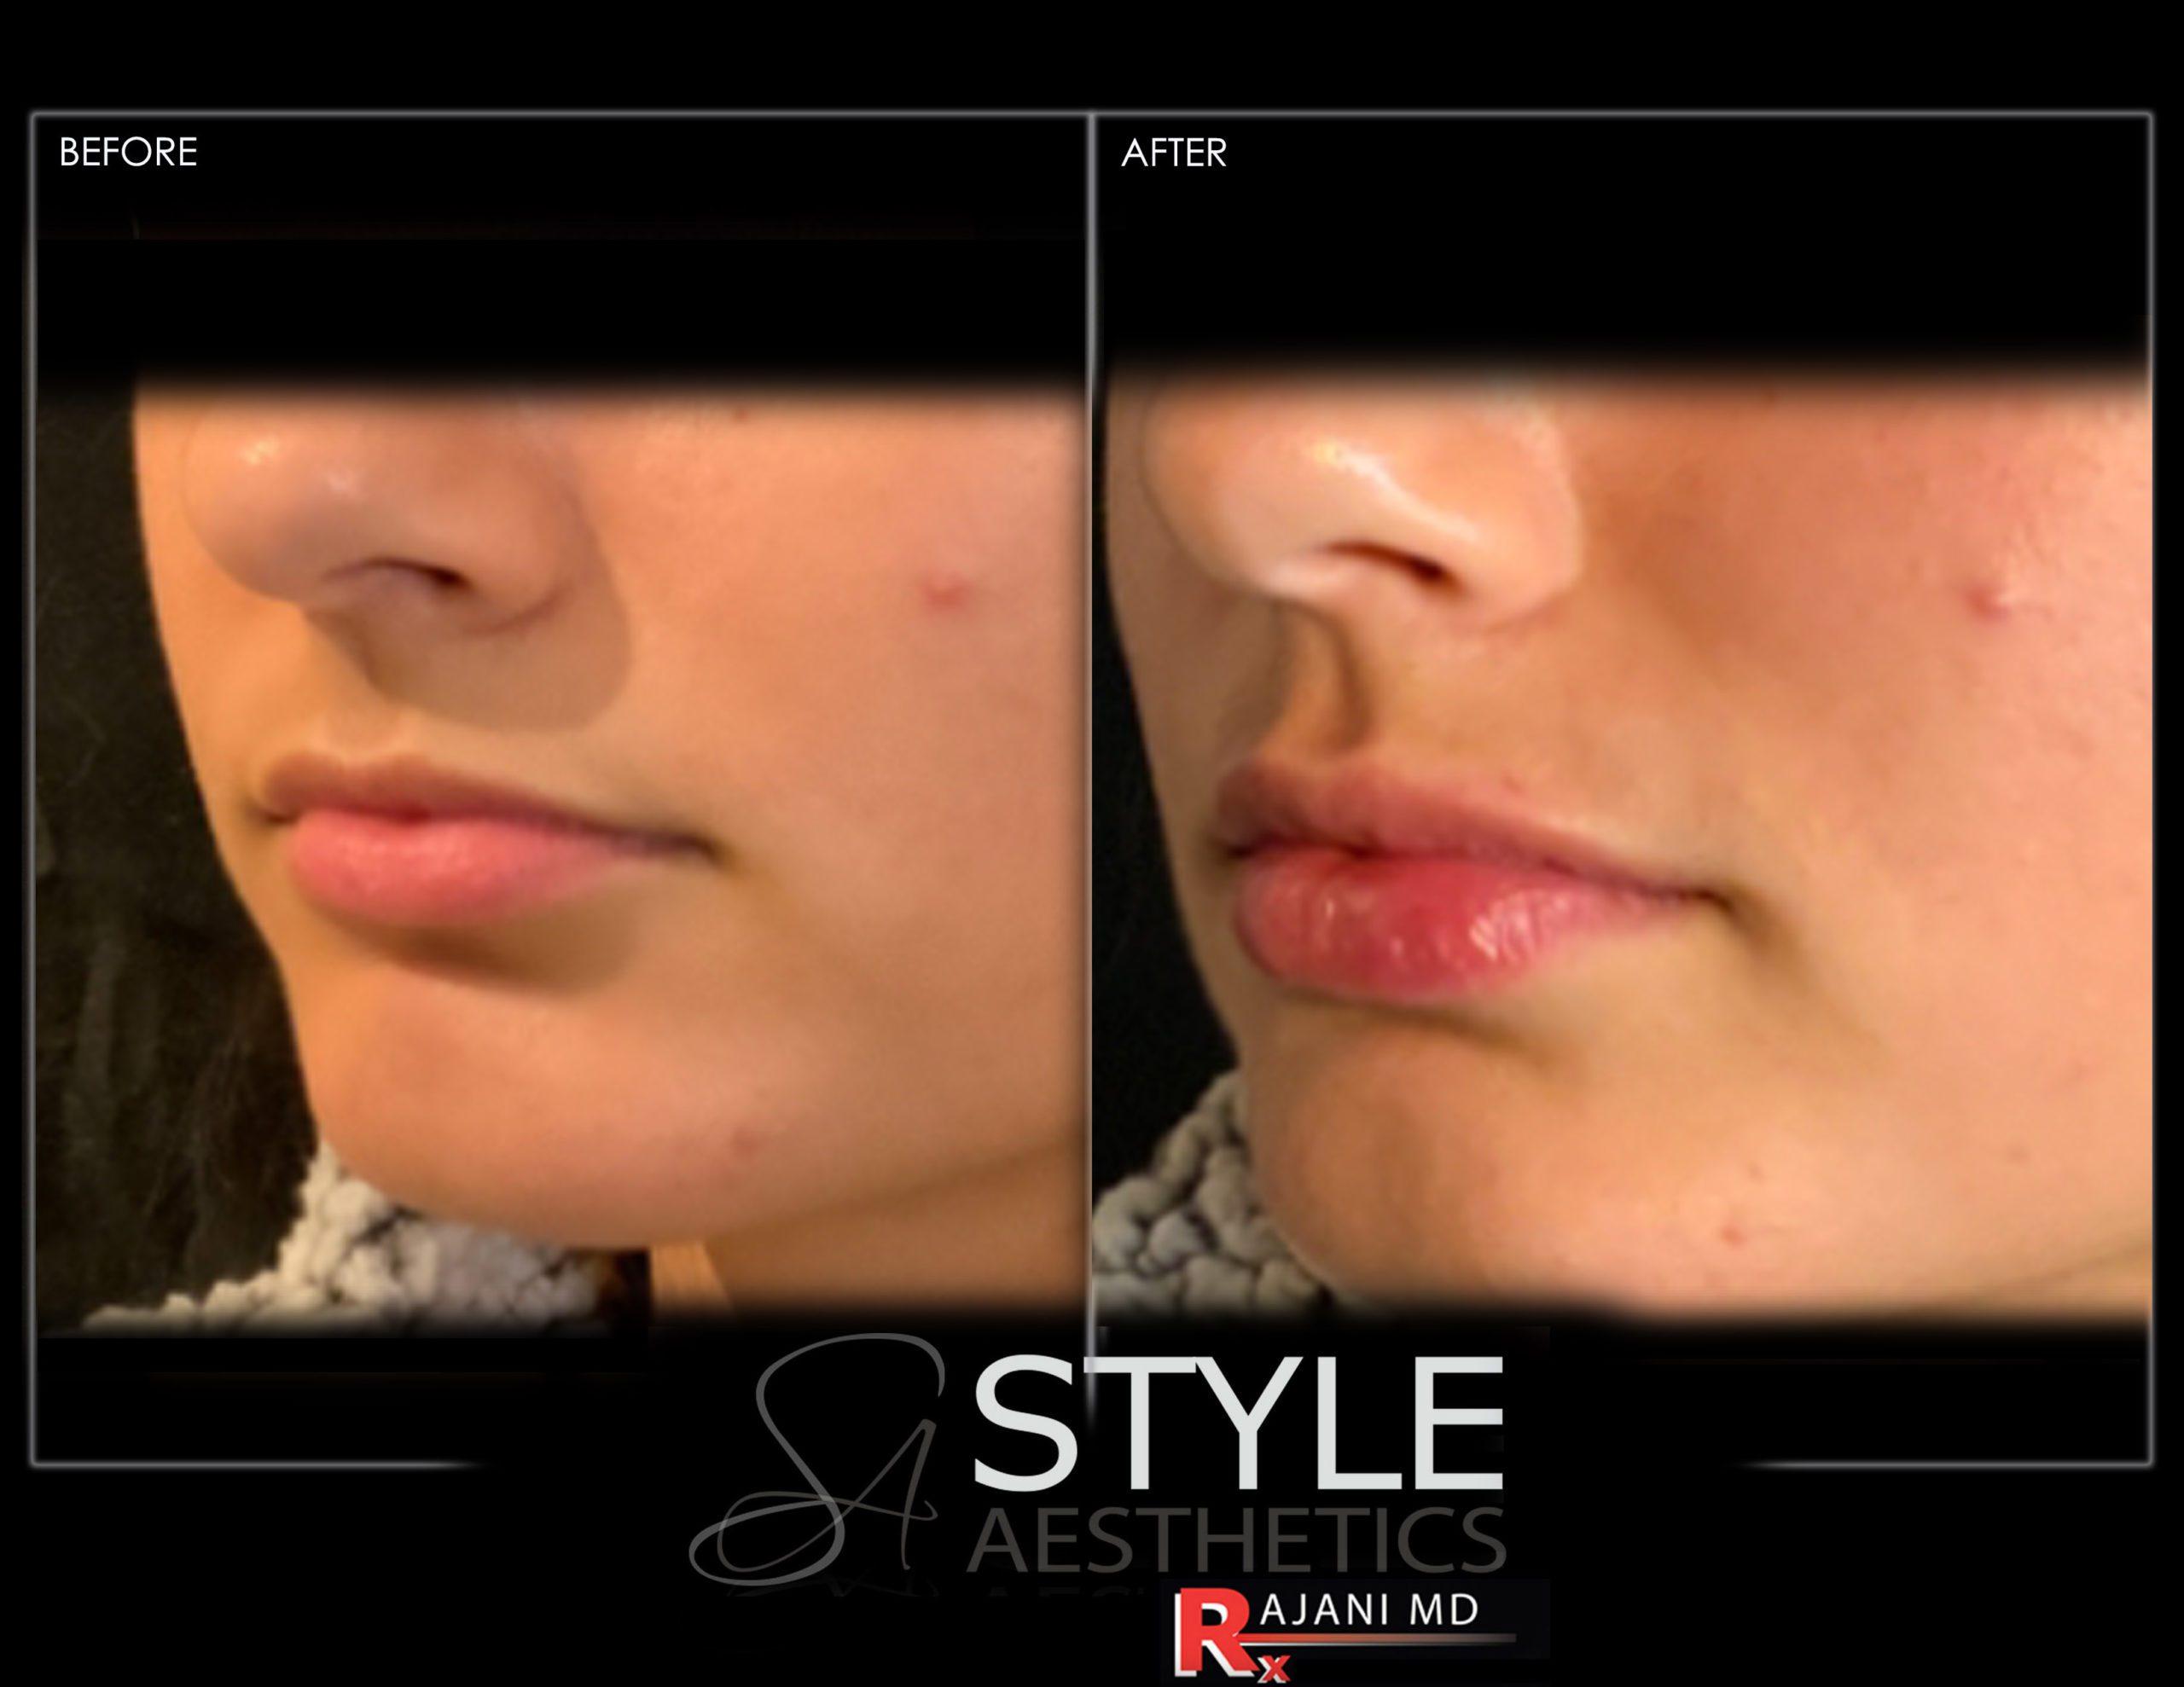 Lip Filler Lips Augmentation Before and After Natural Look Portland Oregon Juvederm Restylane Kysse